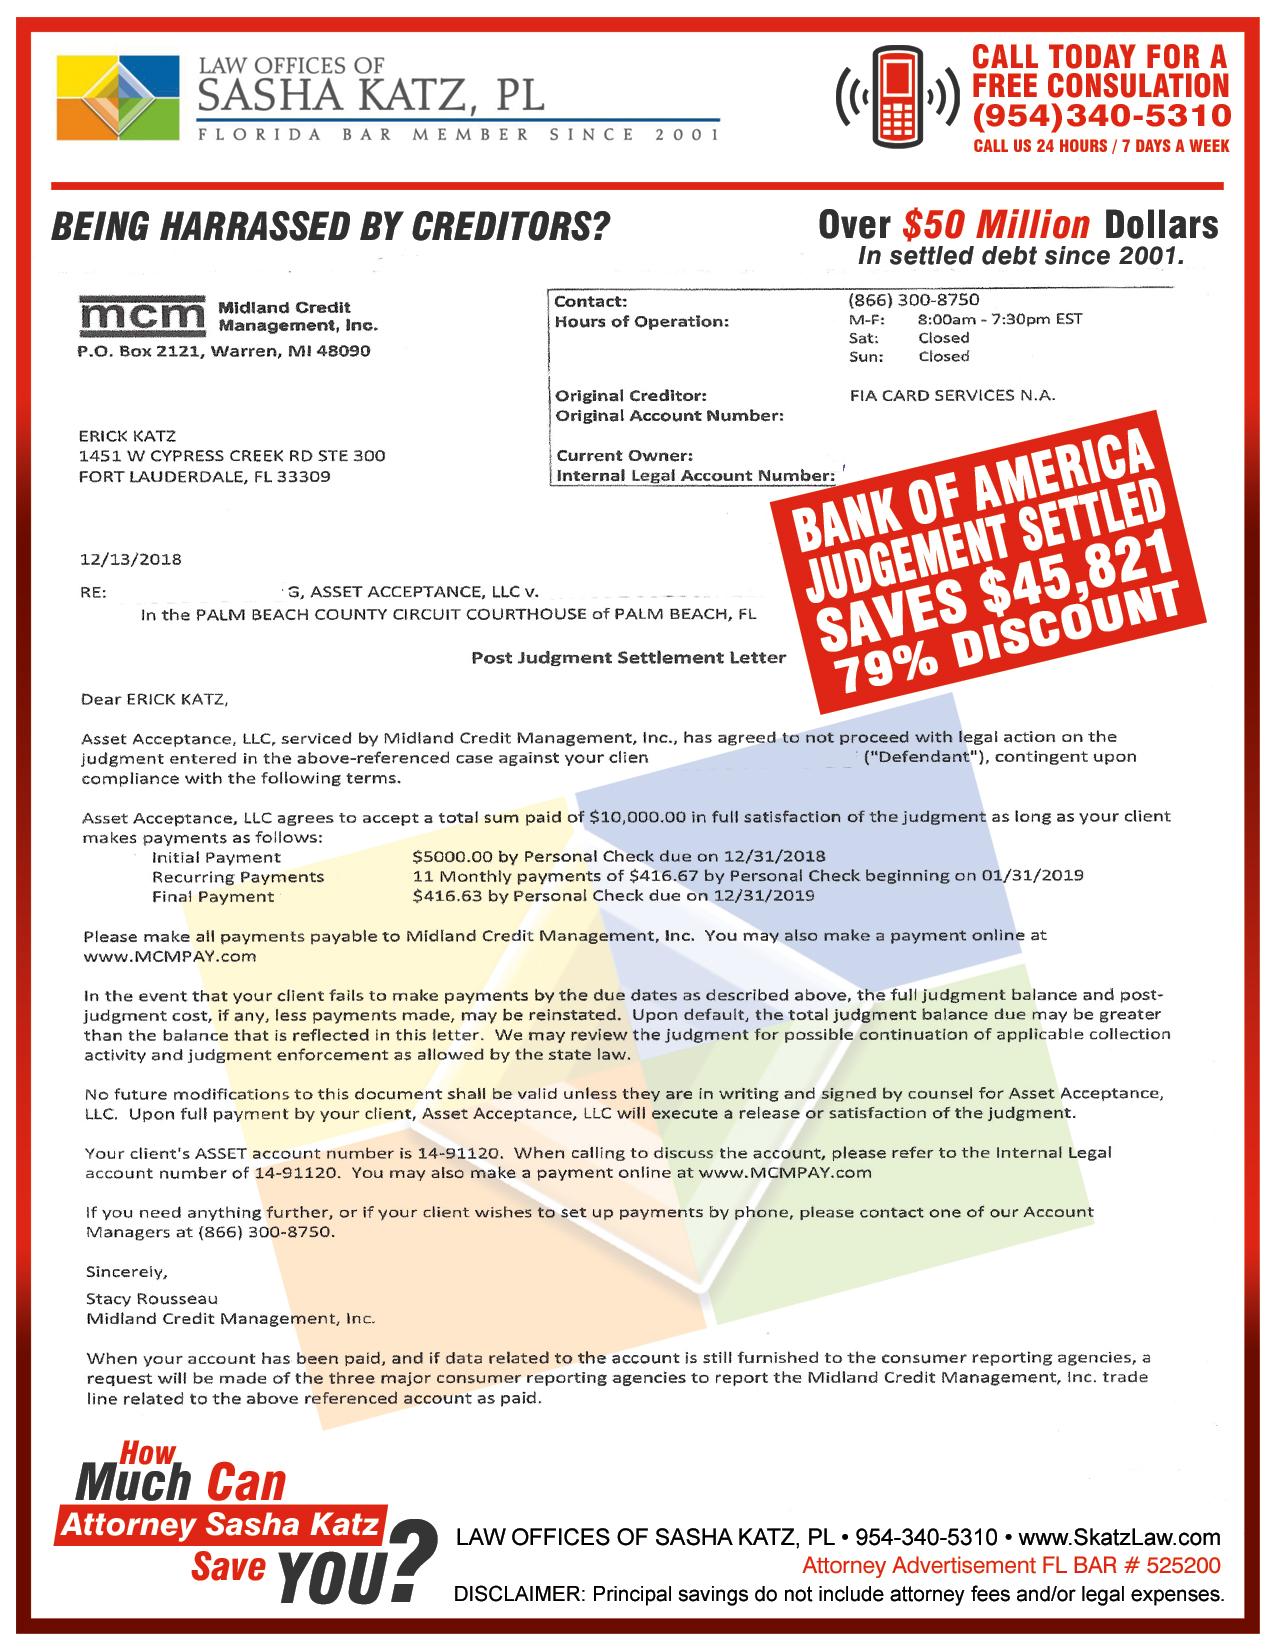 settlement_letter54_2020